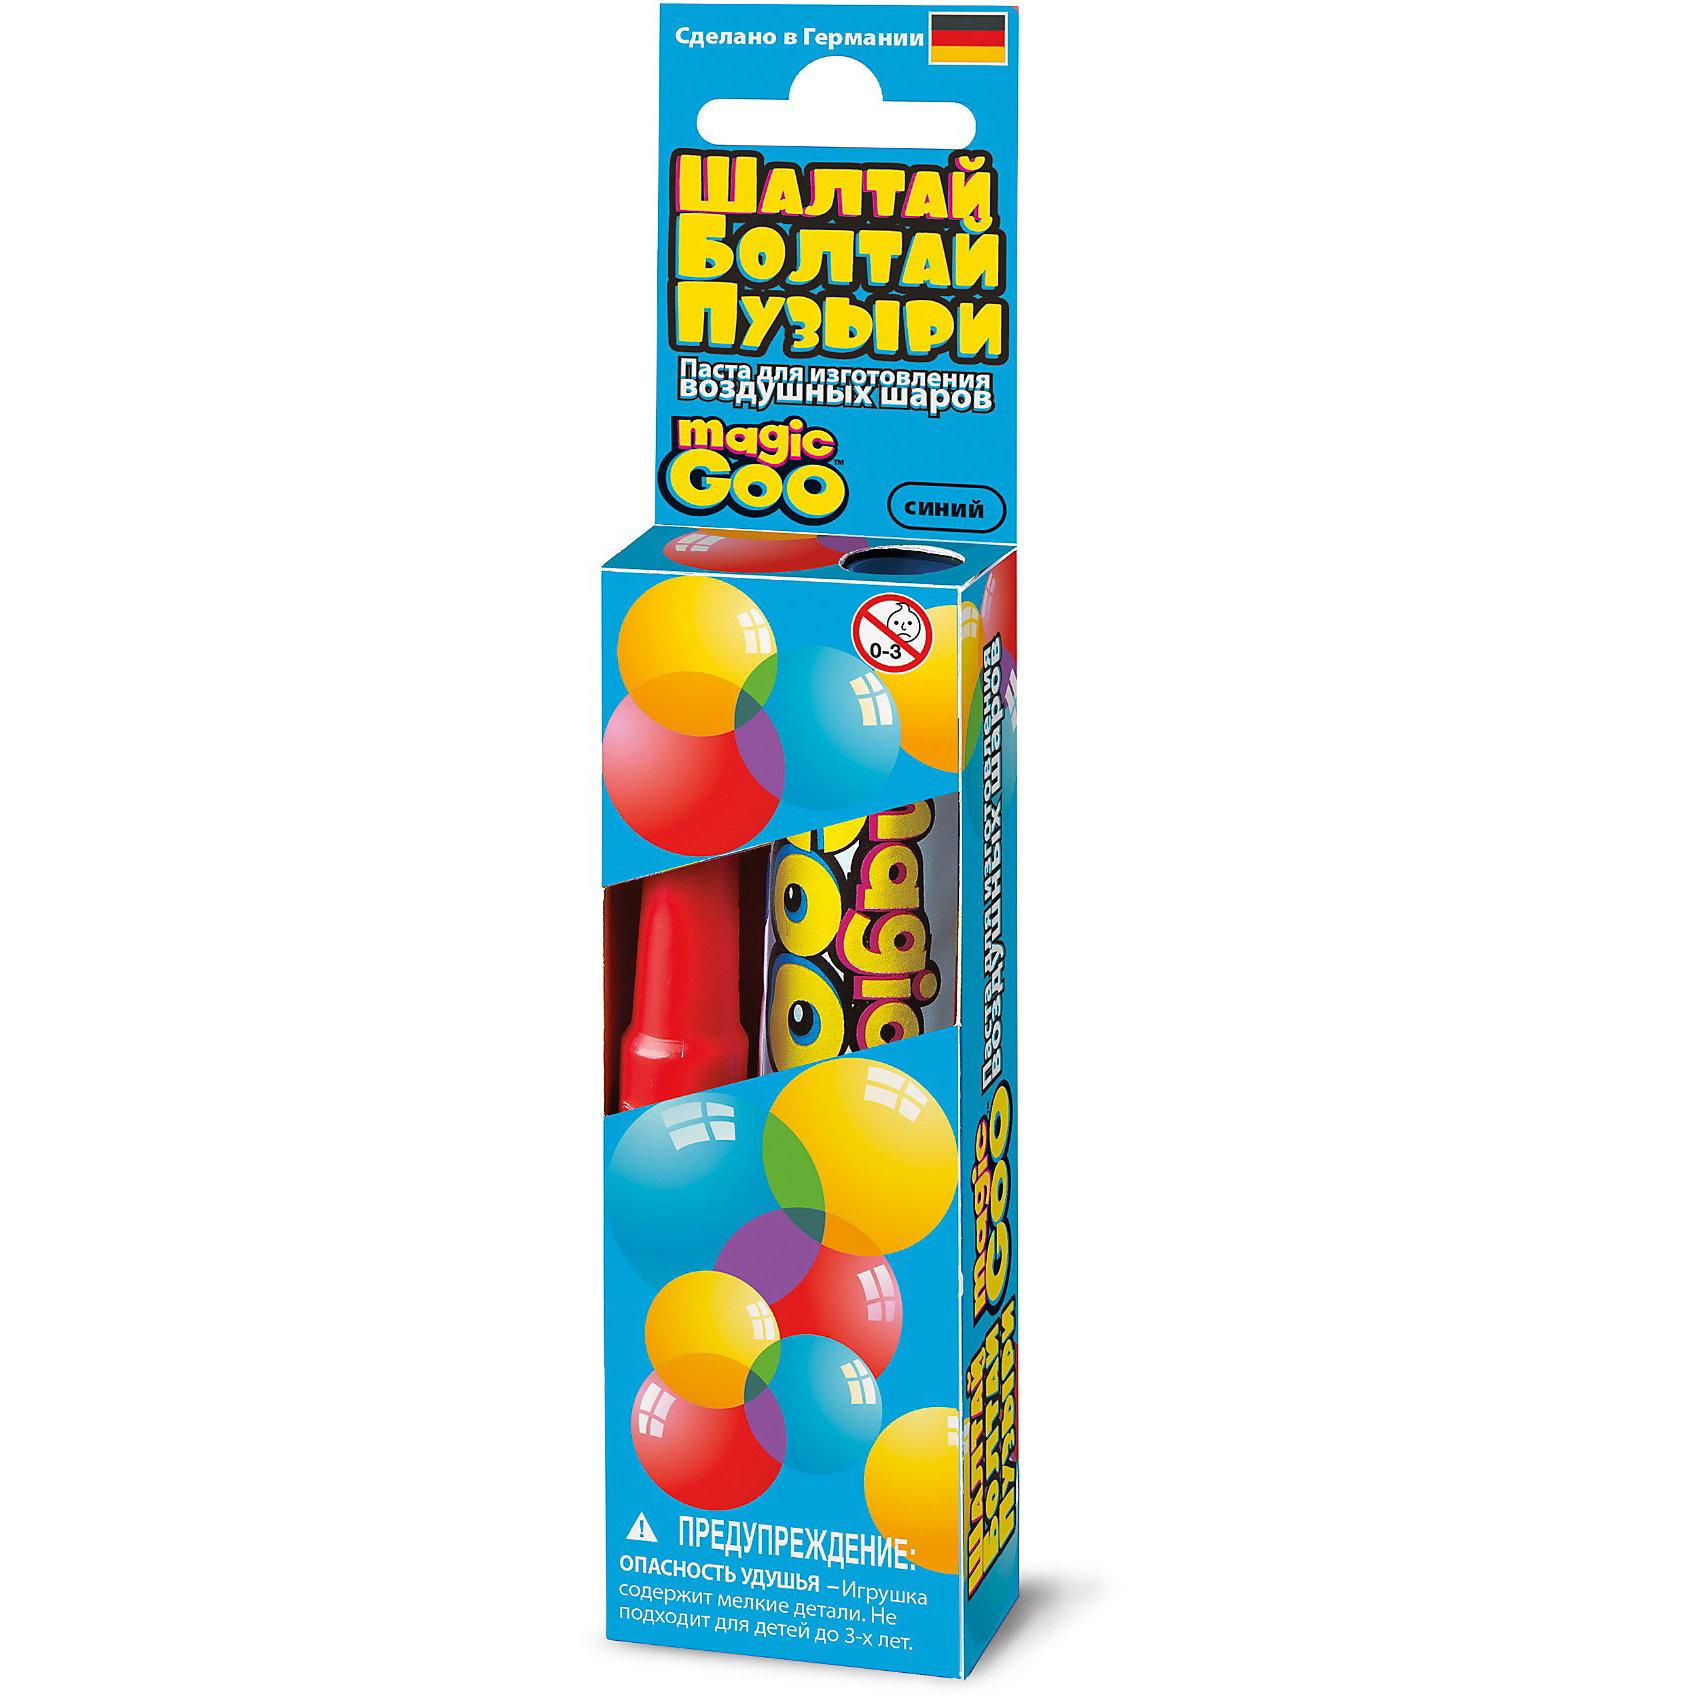 Шалтай-Болтай пузыри синие, 4M 00-06300BХимия<br>Создайте с помощью набора 4M Шалтай-Болтай гигантские, яркие и прочные пузыри, которые не лопнут в руках ребенка и позволят создать различные постройки и фигуры животных! В комплект входит:<br>- Тюбик с пастой для выдувания пузырей, 20 гр.<br>- Трубочка для выдувания пузырей<br>- Инструкция<br><br>Как создать мыльный пузырь<br>    Смочите пальцы и нанесите небольшое количество пасты на кончик трубочки. Размер шара зависит от количества пасты нанесенной на трубочку.<br>    Подуйте в трубочку с другого конца, сначала слабо, потом немного сильнее. Если шарик прорвался, просто сожмите края дырочки вместе. Внутри трубочки есть предохранительный клапан, который не дает воздуху выйти из шара.<br>    После получения необходимого размера шара снимите его с трубочки, плотно прижав края отверстия, через которое идет воздух. Шарик готов!<br><br>Выдутый пузырь диаметром 50 см. Впечатлит не только ребенка, но и взрослого! Удивите своих детей такими необычными наборами от компании 4M!<br><br>Ширина мм: 120<br>Глубина мм: 40<br>Высота мм: 20<br>Вес г: 50<br>Возраст от месяцев: 60<br>Возраст до месяцев: 96<br>Пол: Унисекс<br>Возраст: Детский<br>SKU: 3790343